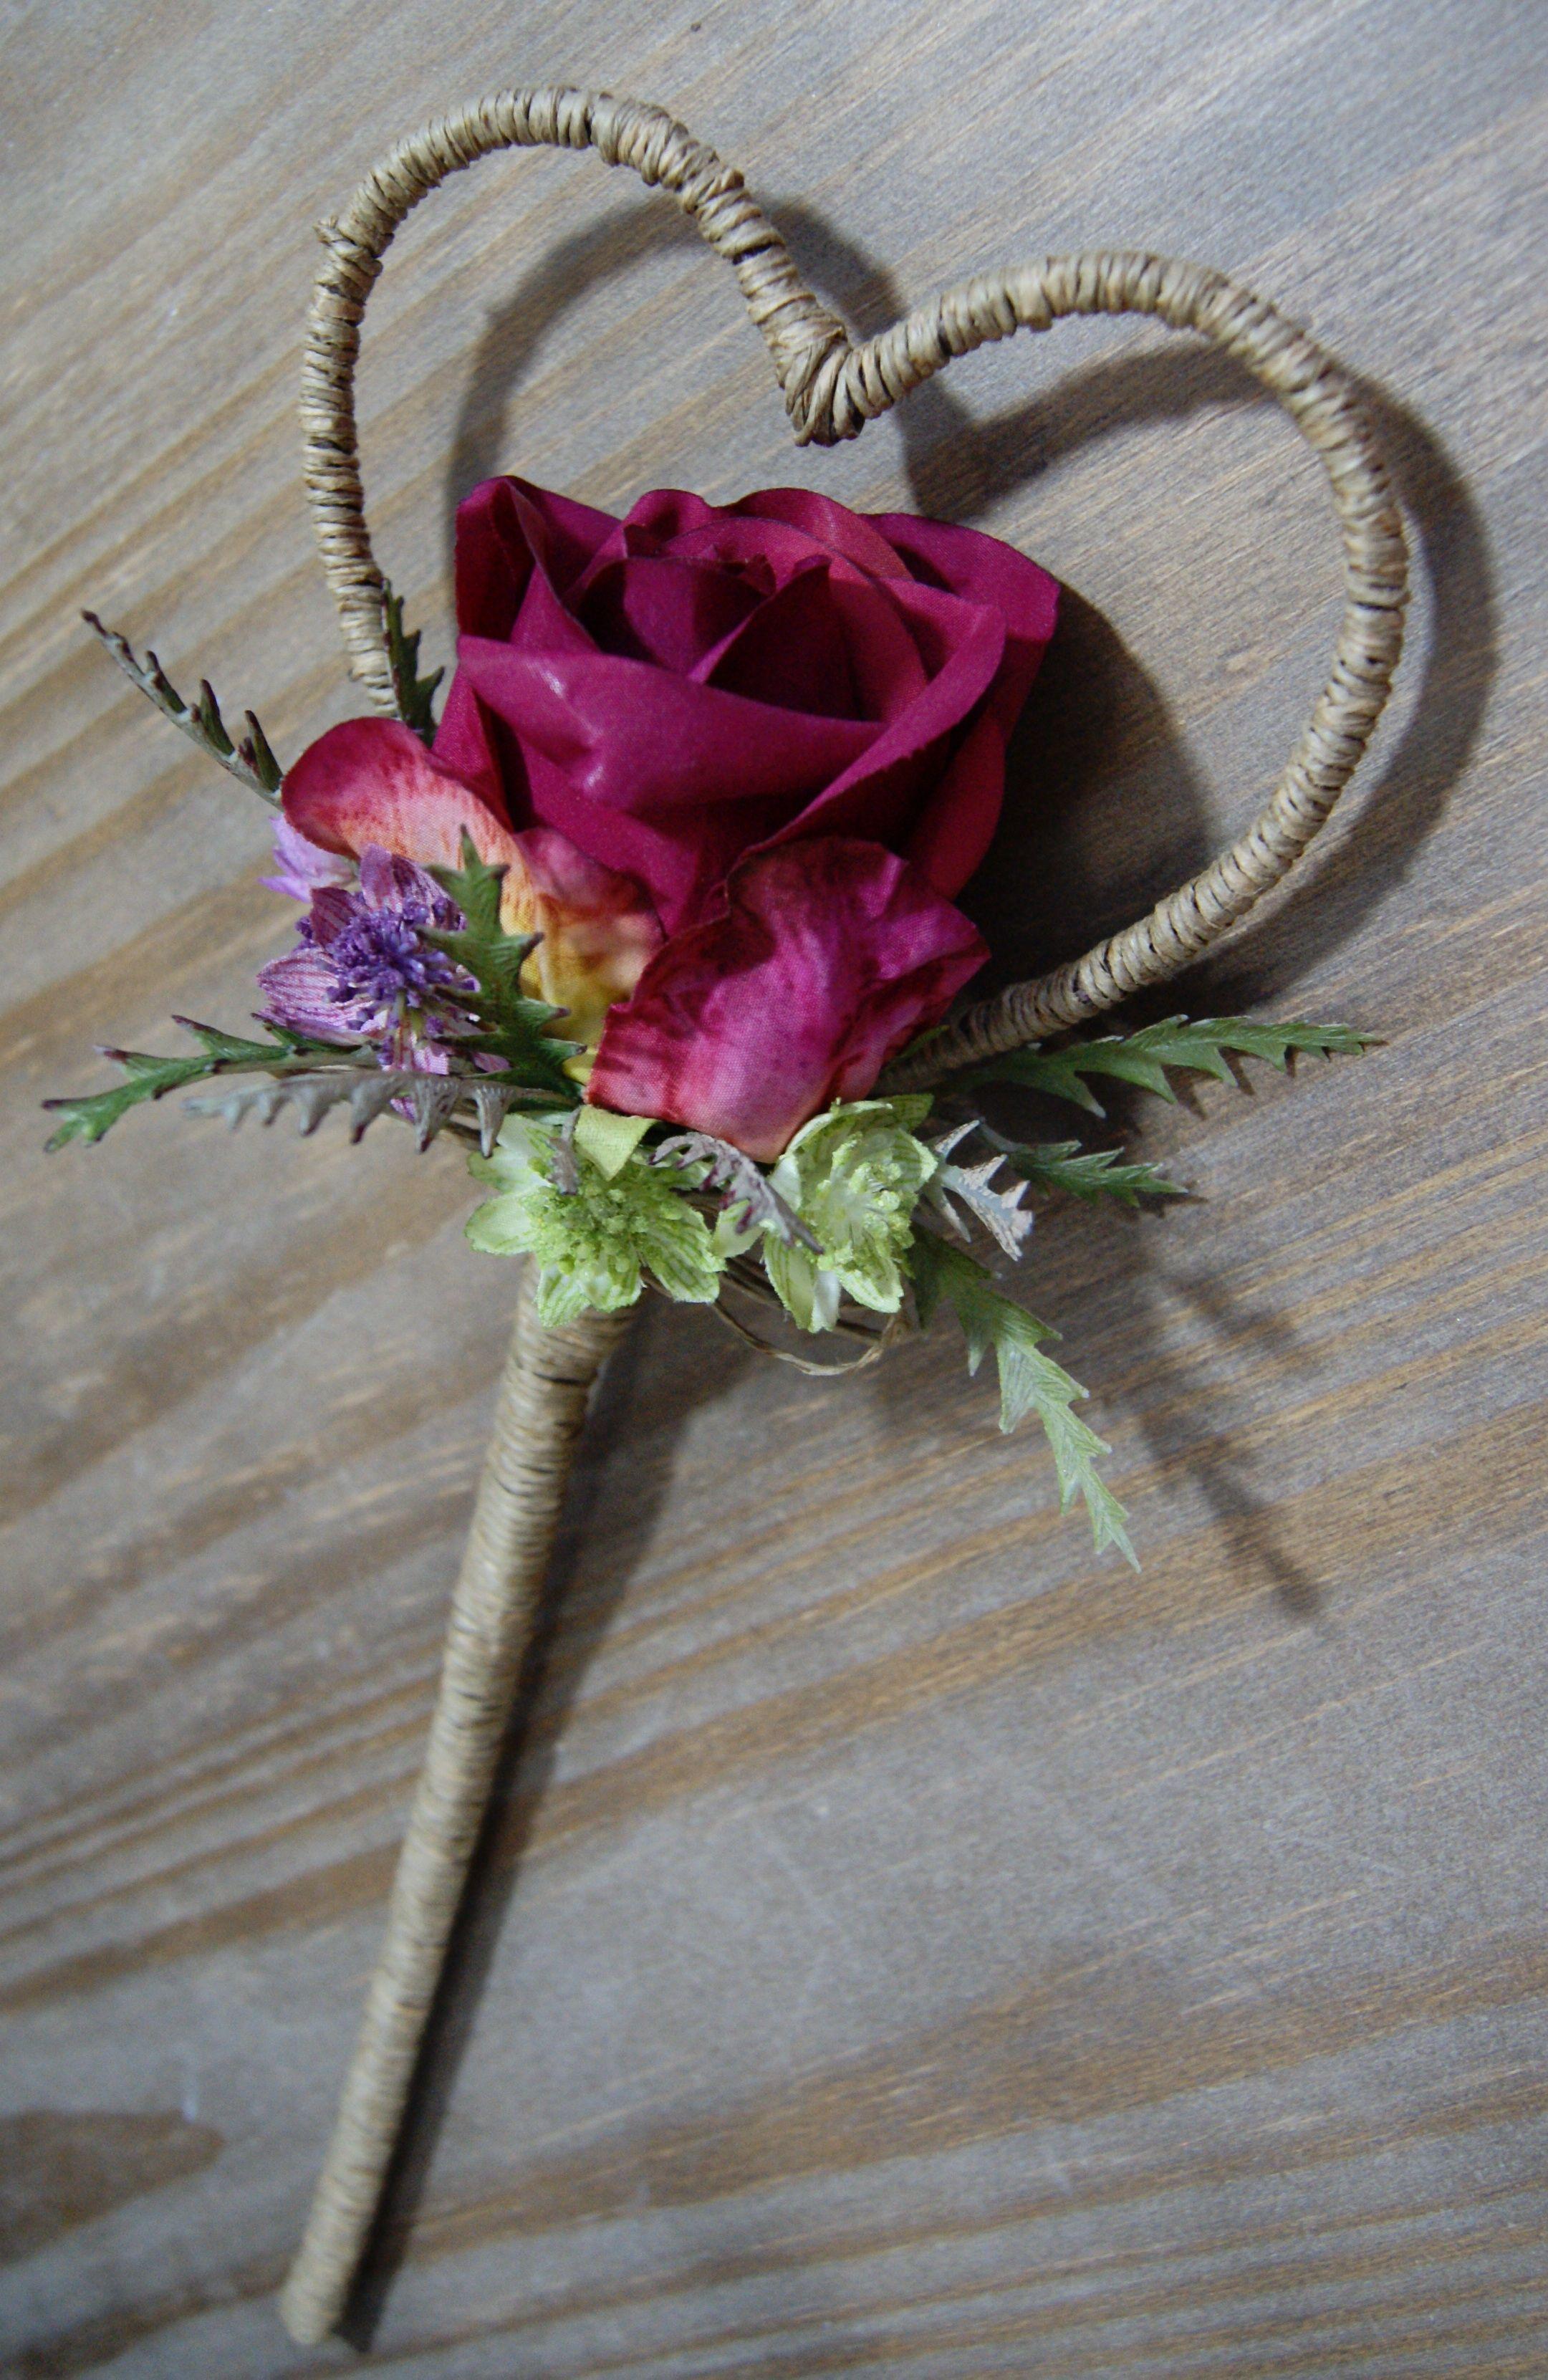 Wedding flowers flower girl heart wand in a rustic design with wedding flowers flower girl heart wand in a rustic design with natural twine artificial flowers izmirmasajfo